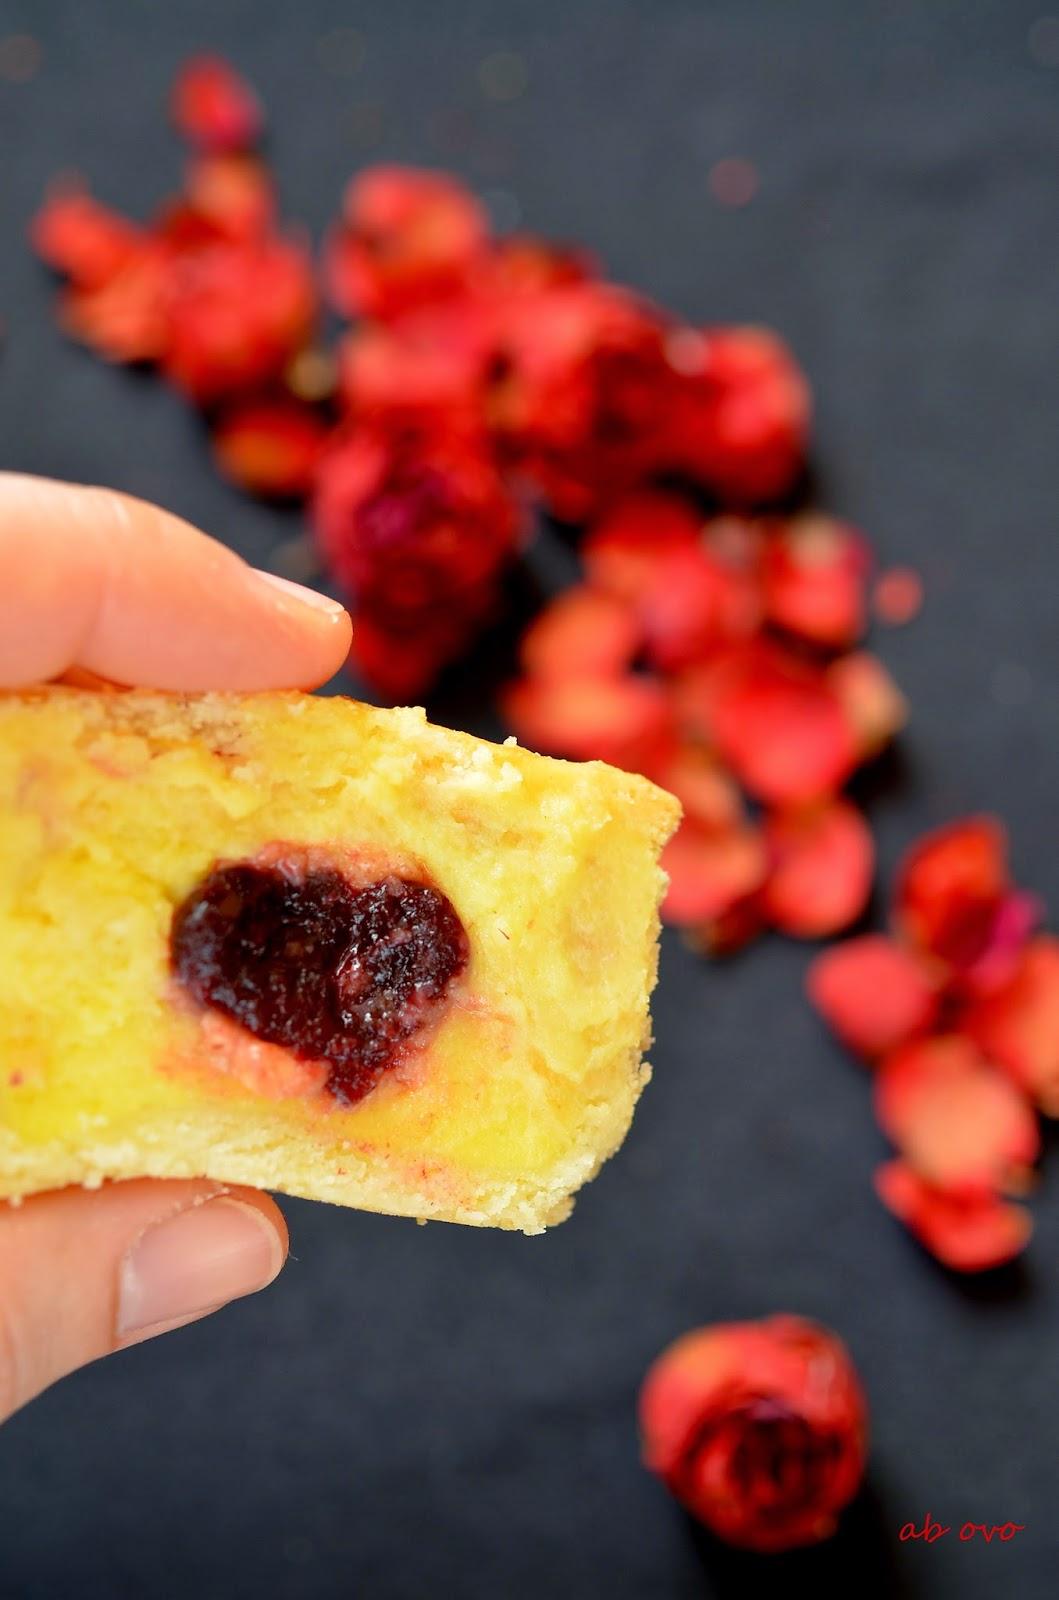 Pasticciotti-leccesi-crema-e-amarena